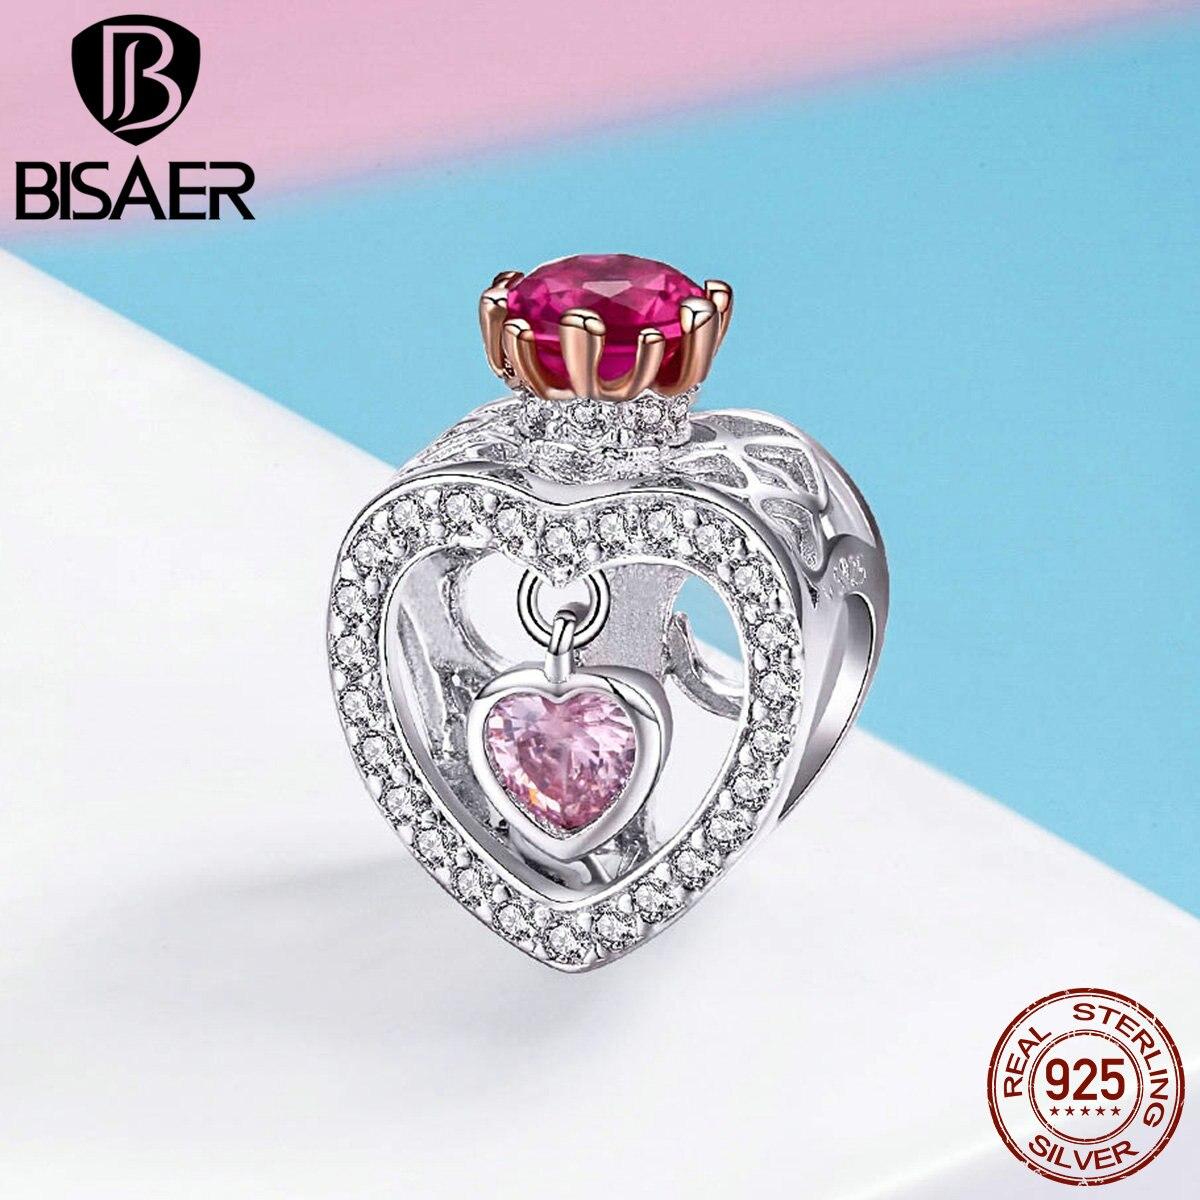 Bisaer 925 prata esterlina rainha coroa princesa coroa contas encantos ajuste charme pulseiras & pulseiras prata 925 jóias ecc1115